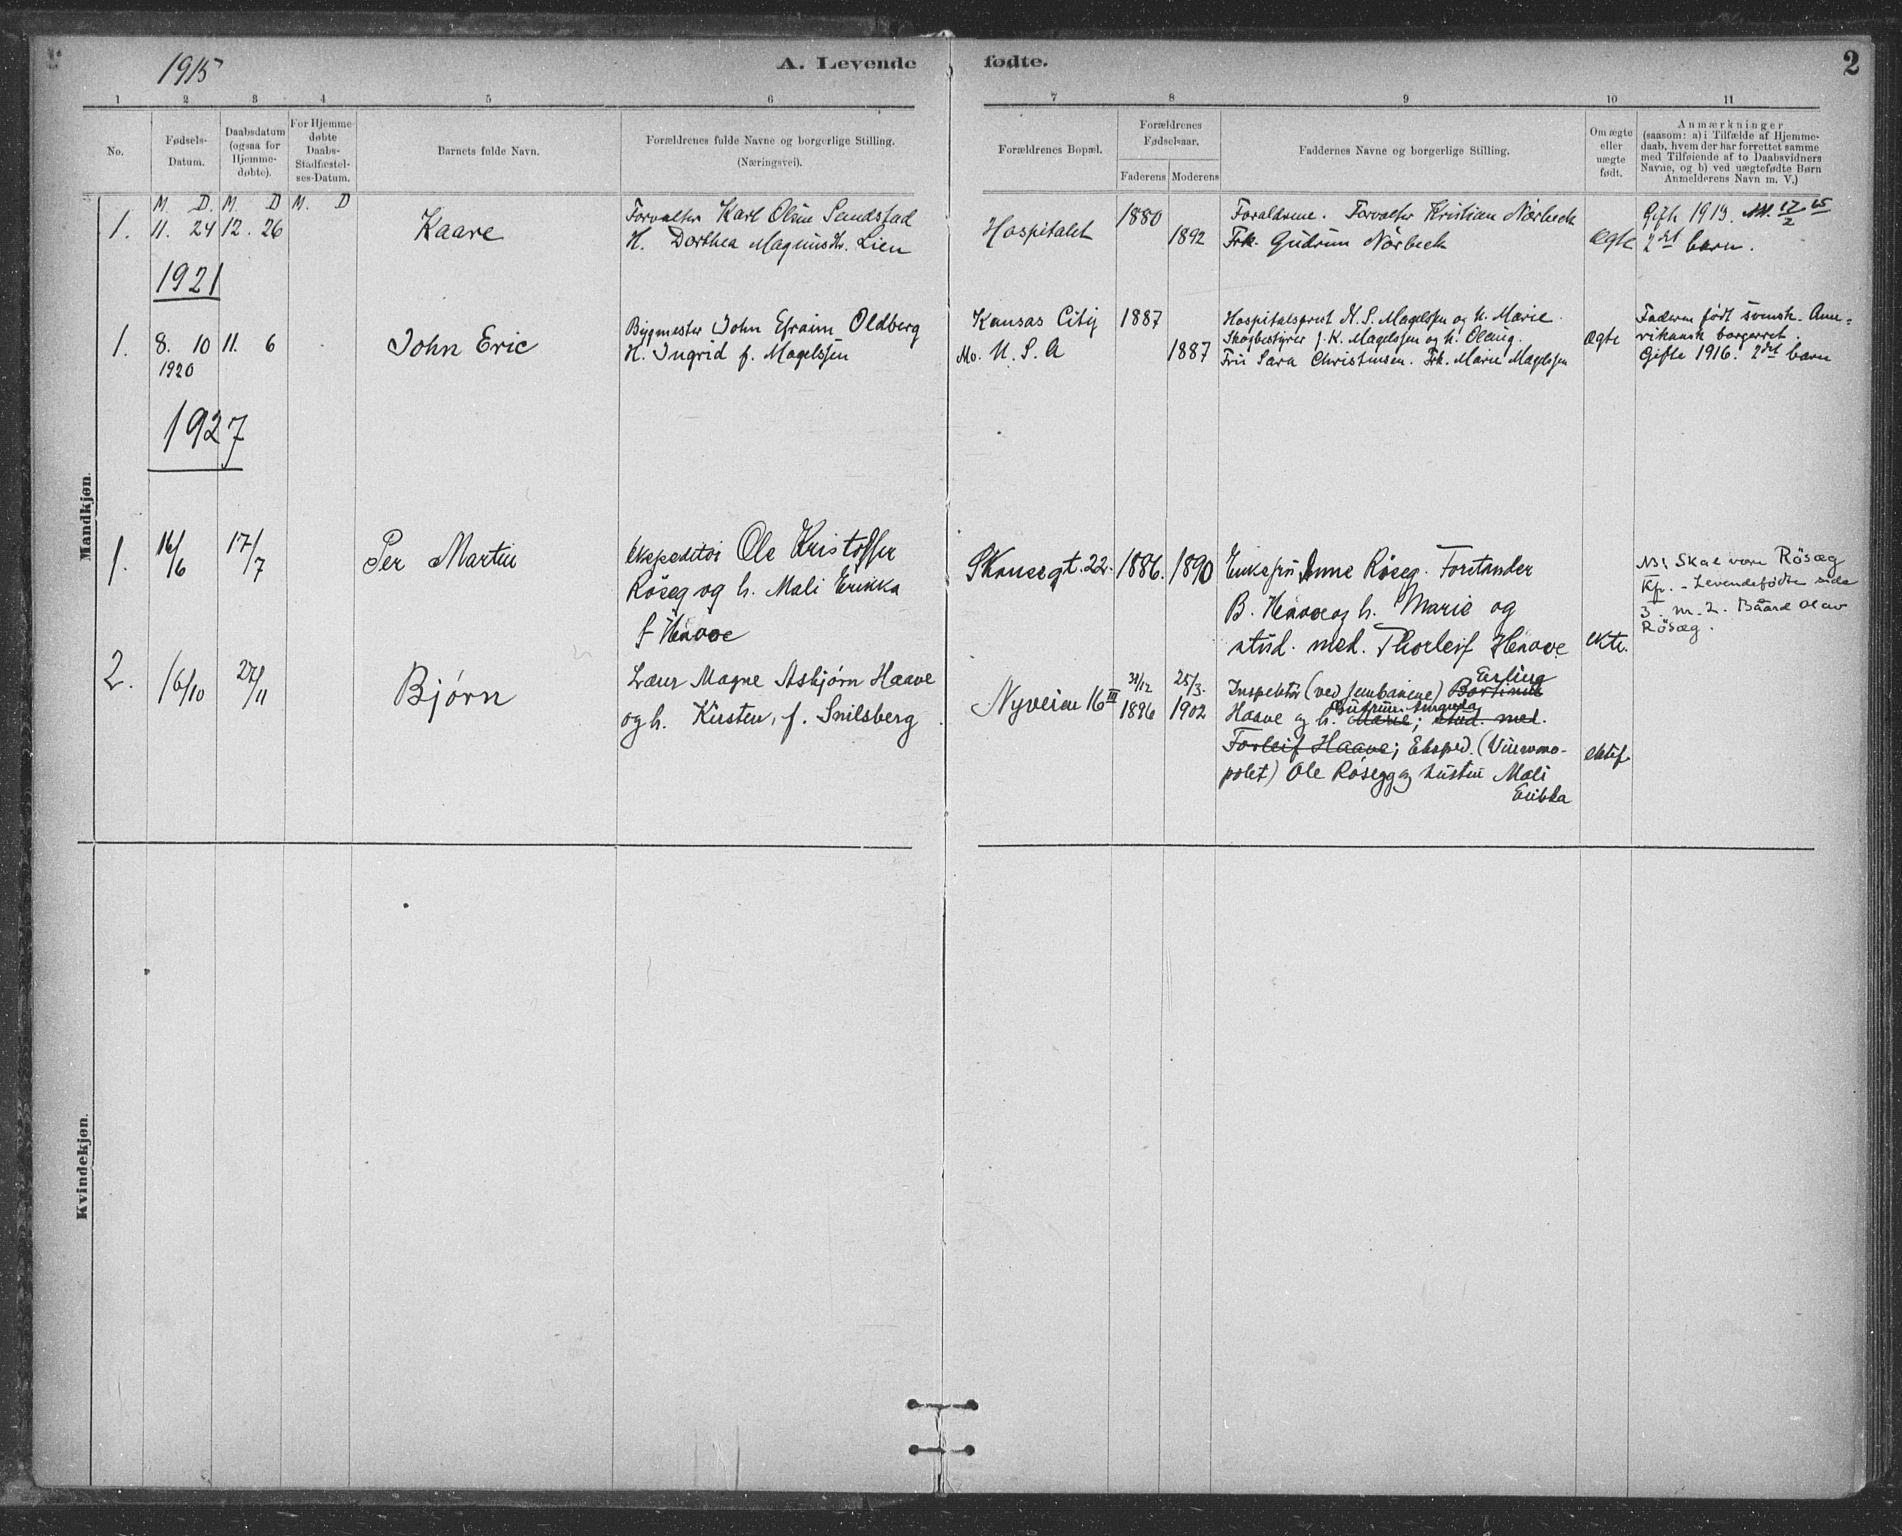 SAT, Ministerialprotokoller, klokkerbøker og fødselsregistre - Sør-Trøndelag, 623/L0470: Ministerialbok nr. 623A04, 1884-1938, s. 2